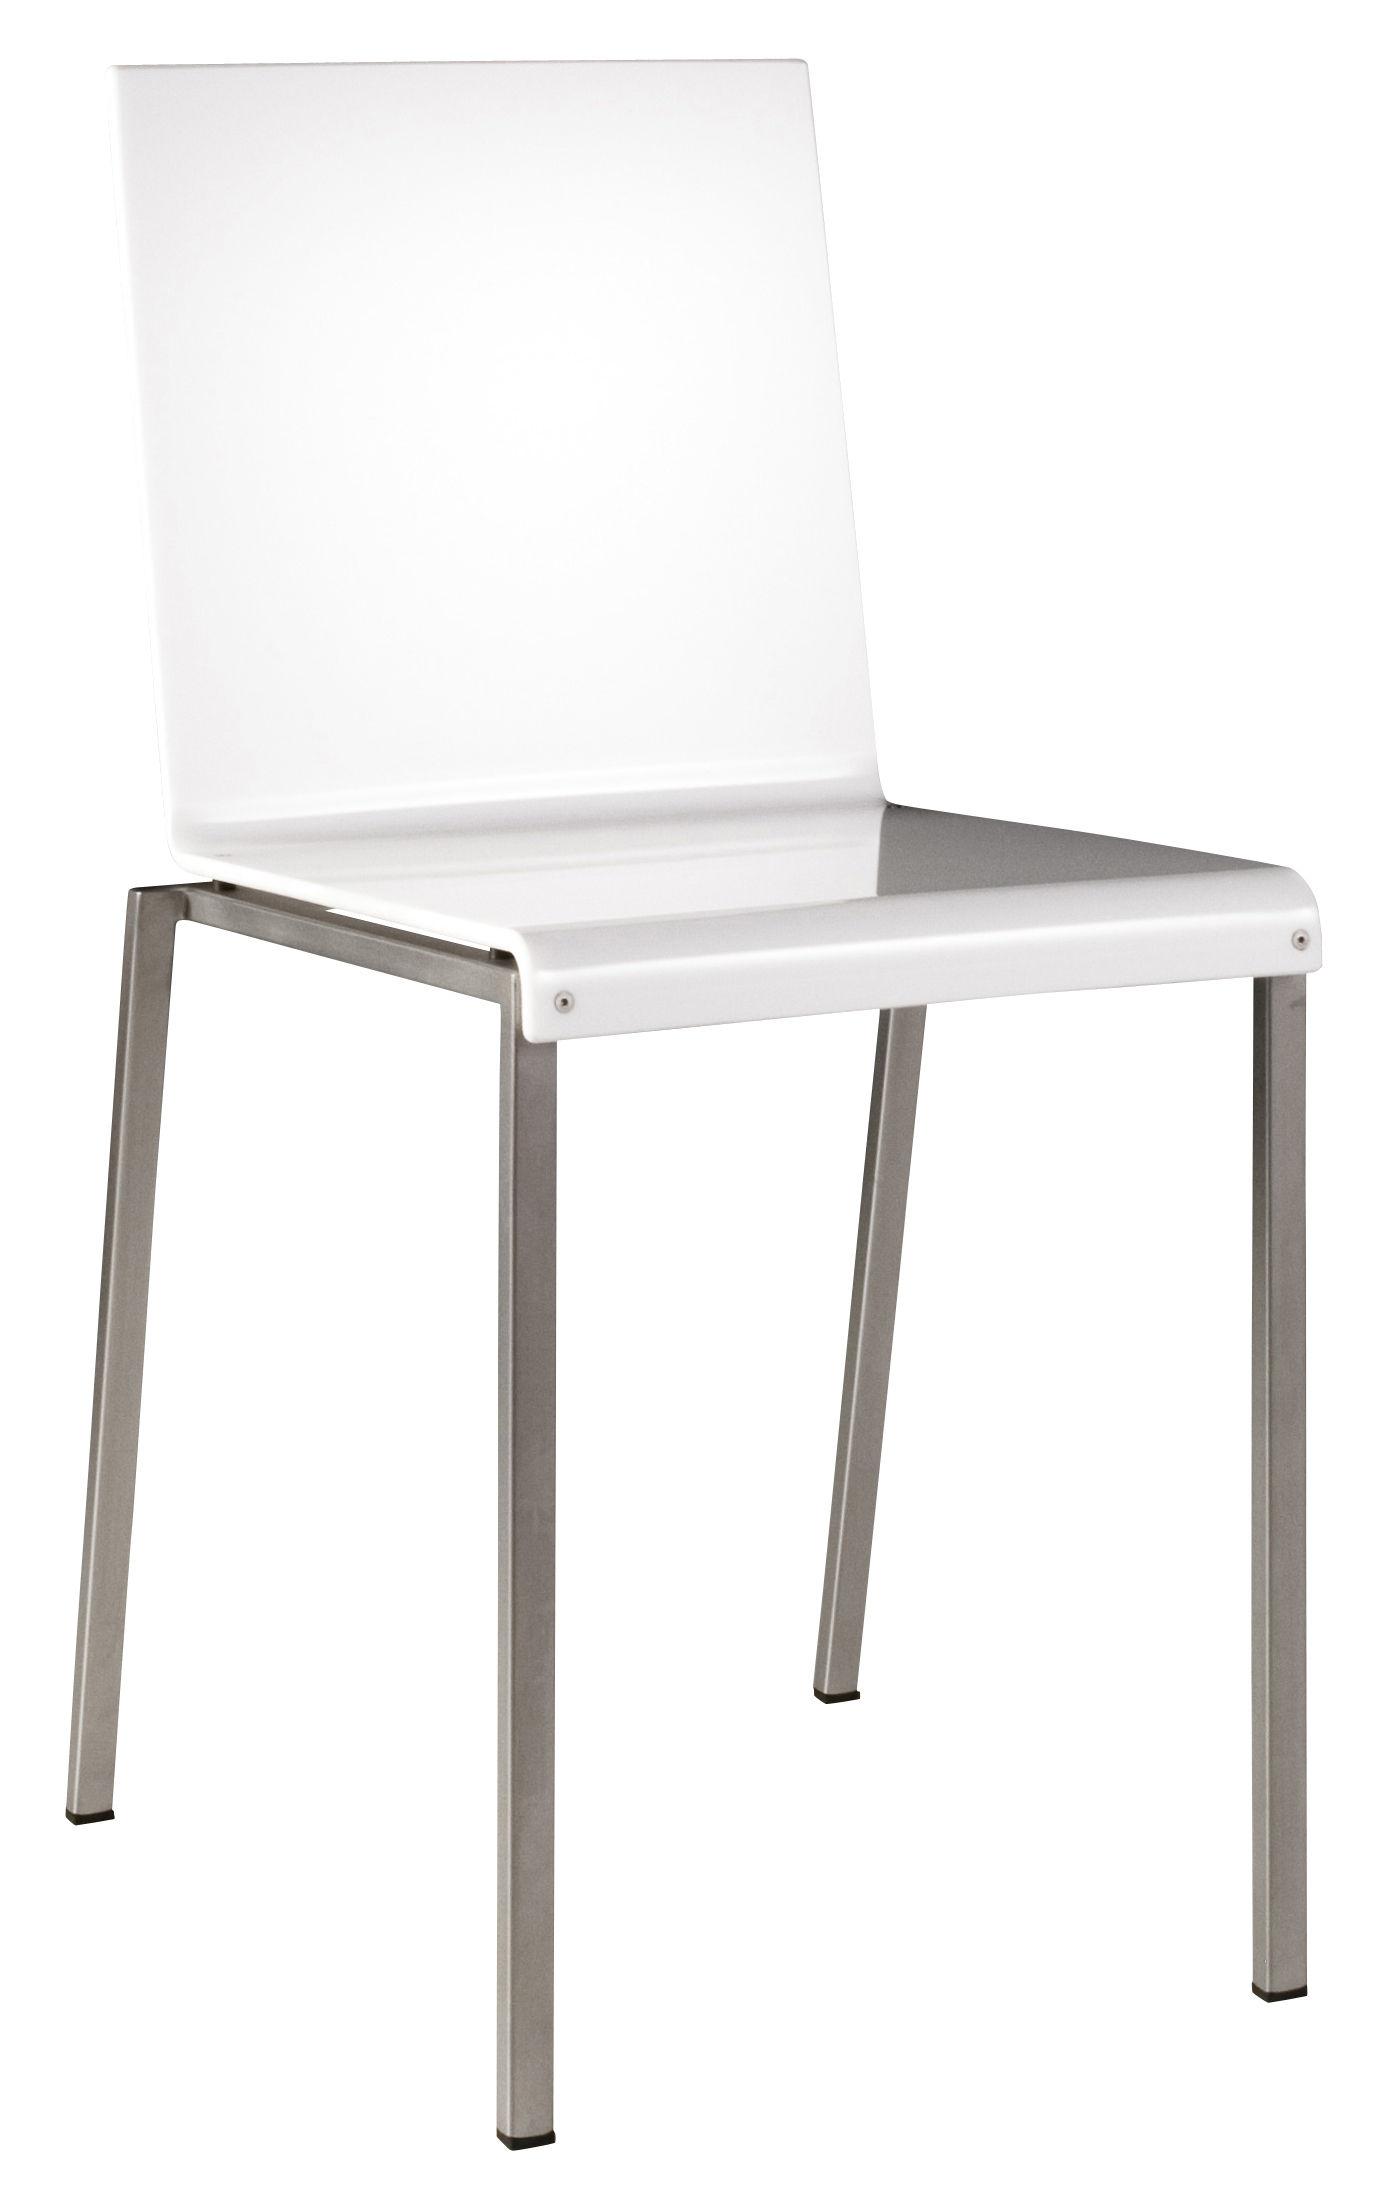 Mobilier - Chaises, fauteuils de salle à manger - Chaise Bianca / Résine brillante & pieds métal - Zeus - Blanc brillant / Pieds acier - Acier sablé, Résine acrylique